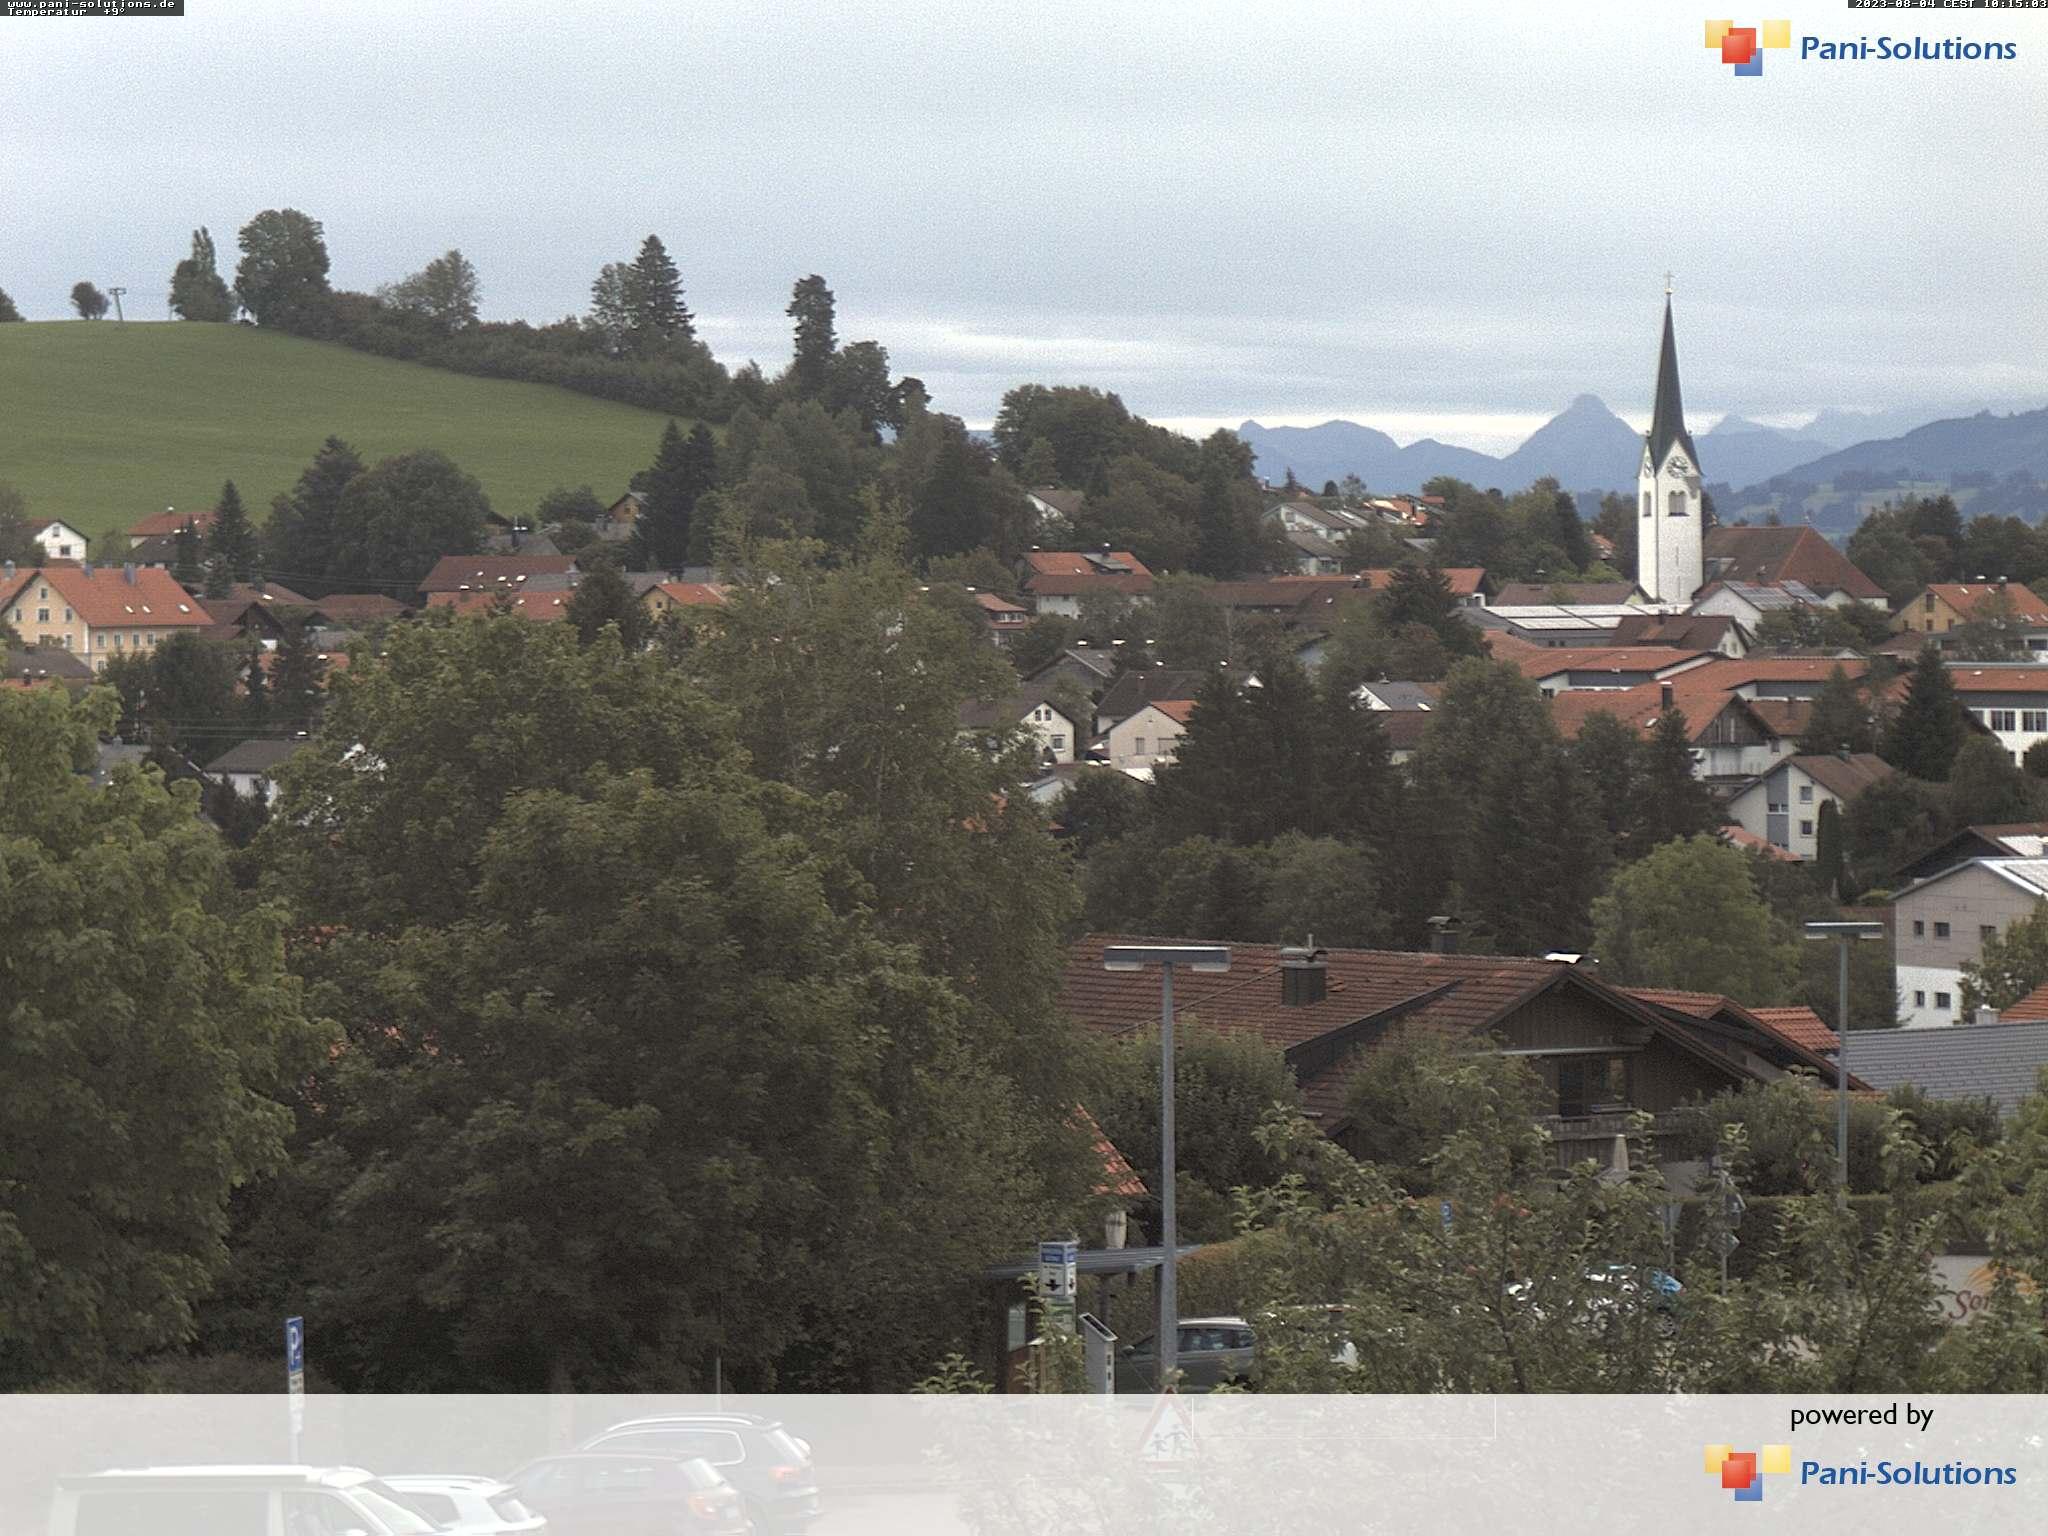 Webcampanorama Buchenberg mit Kirche Römerlift, Kirche (Oberallgäu) und Säuling im Hintergrund (Ostallgäu)